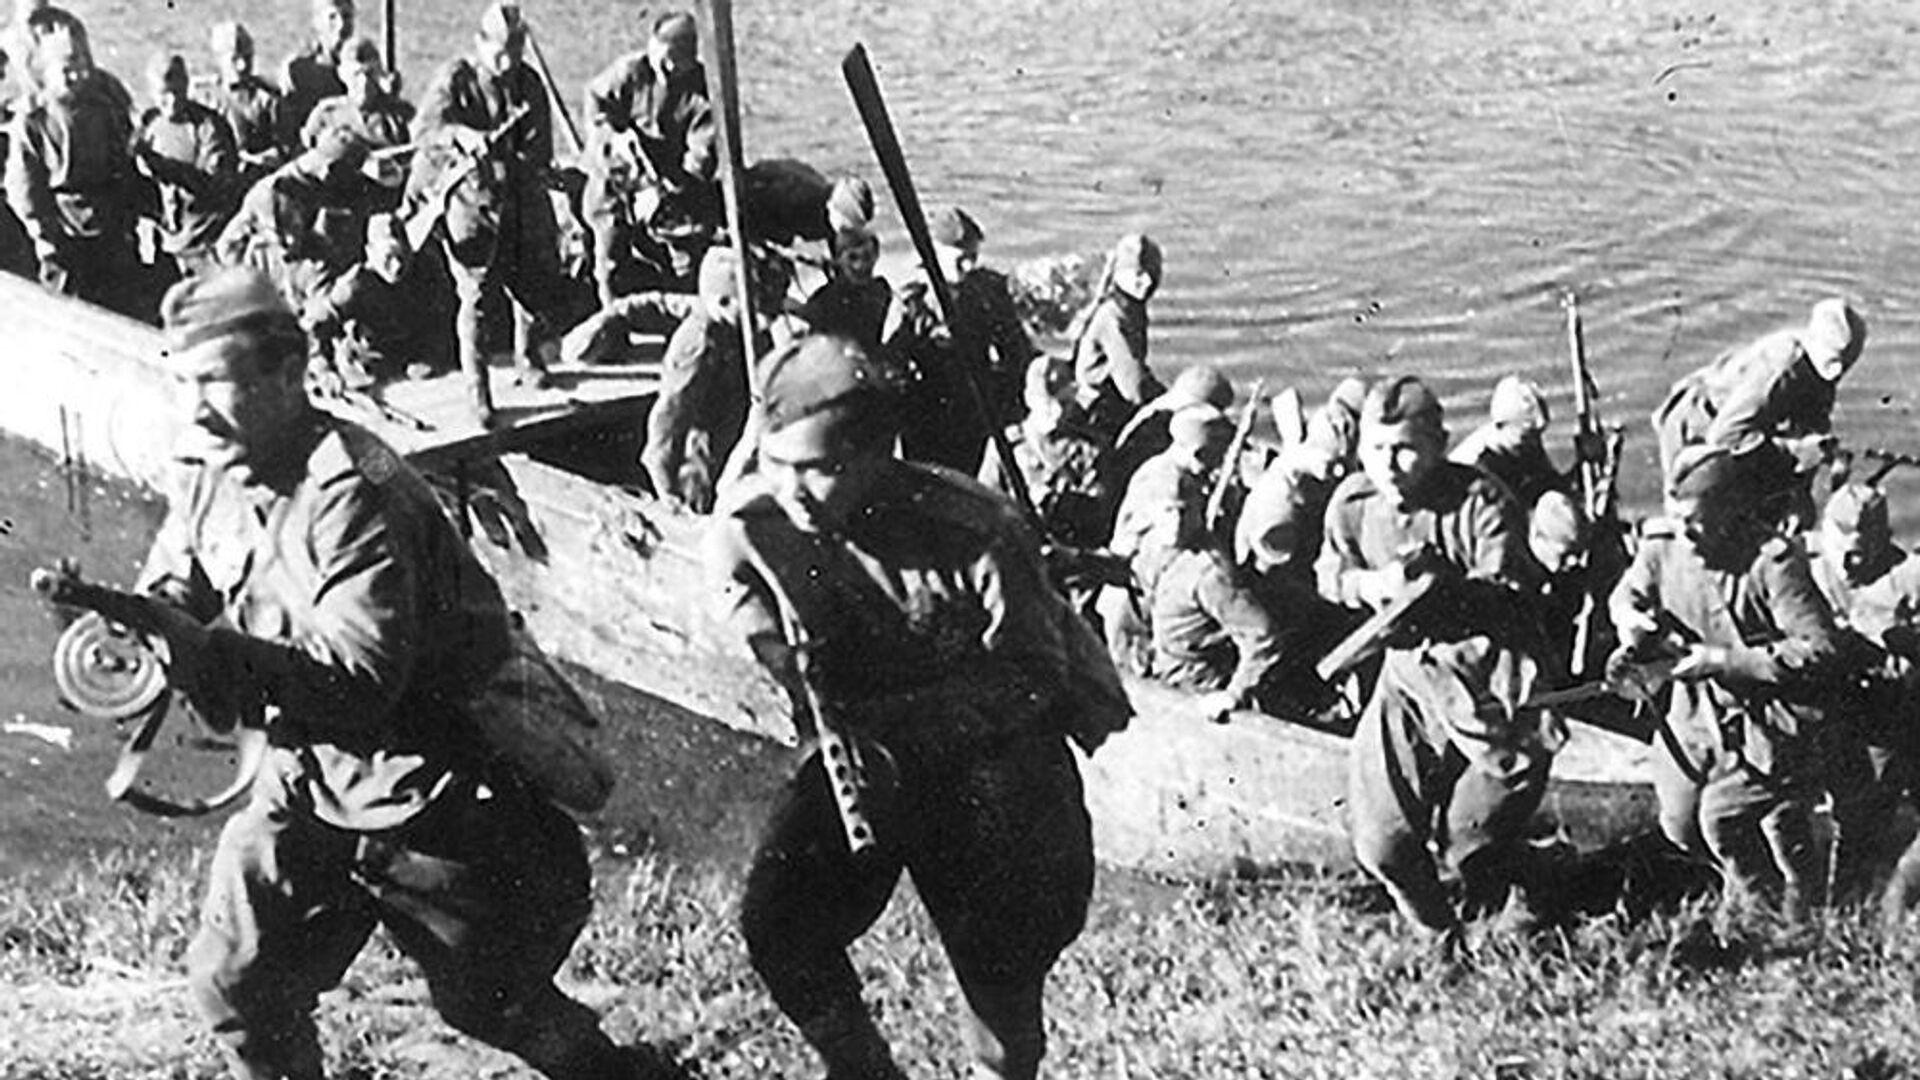 Подразделение 3-го Белорусского фронта форсирует реку Лучеса. Июнь 1944 г - РИА Новости, 1920, 03.07.2019